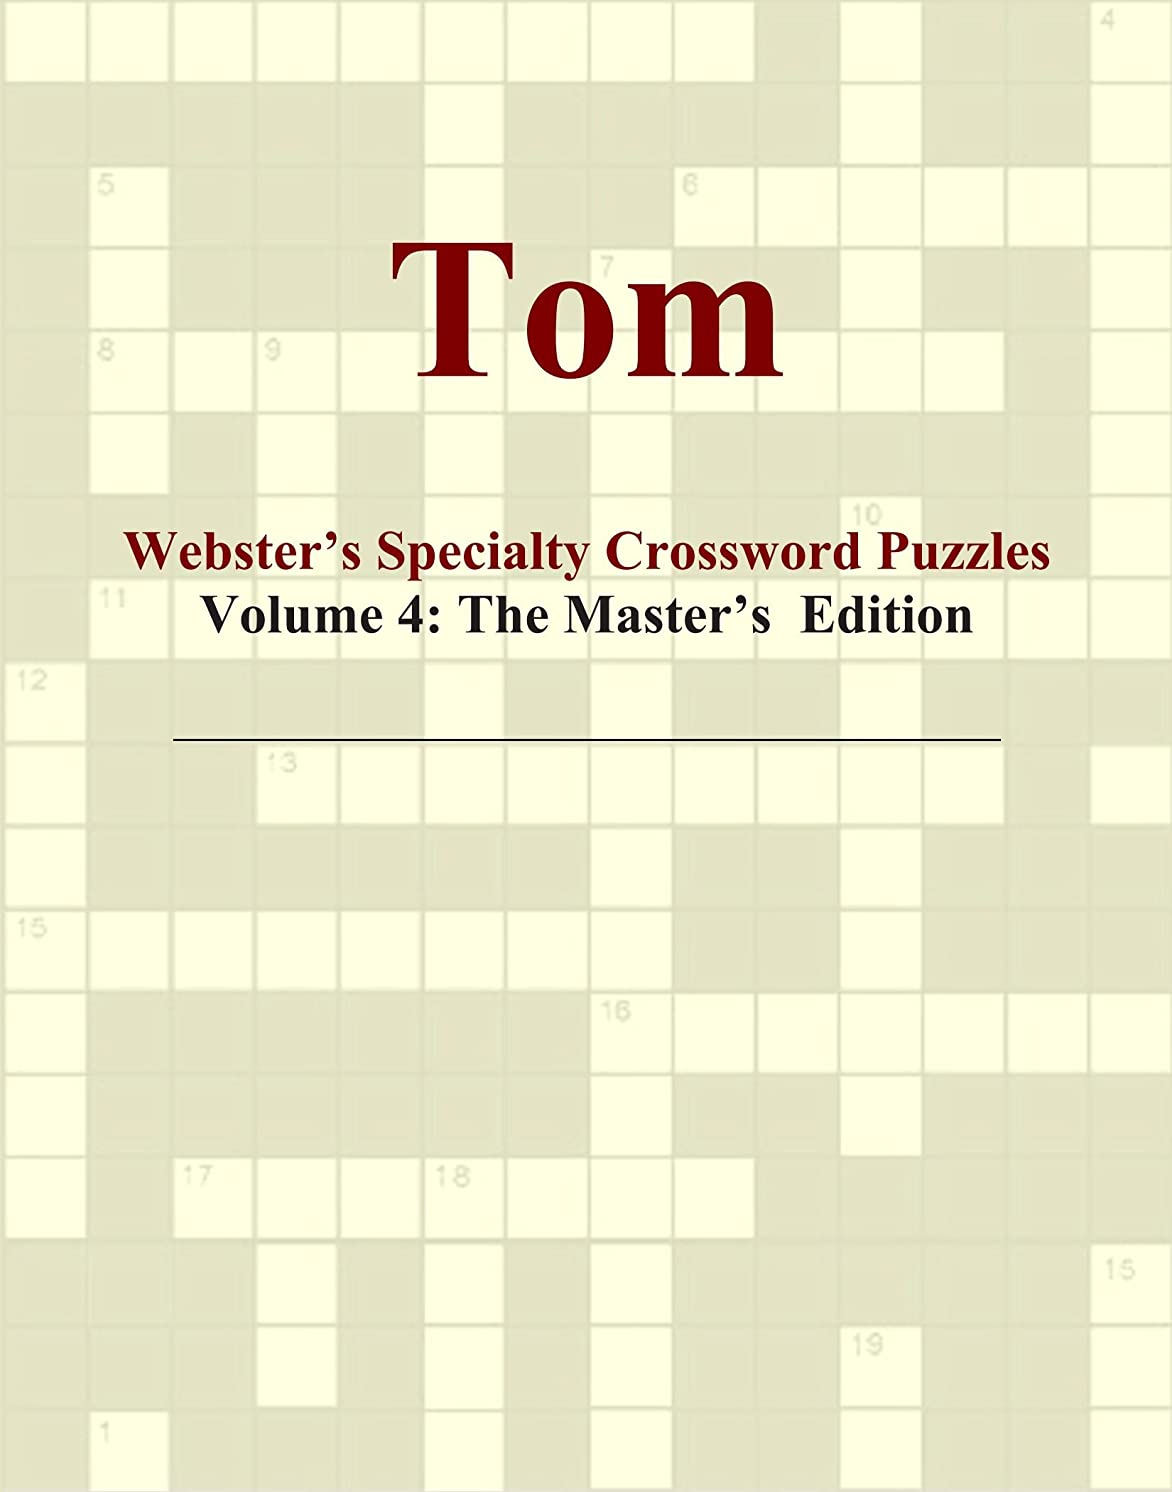 子音孤児できればTom - Webster's Specialty Crossword Puzzles, Volume 4: The Master's Edition